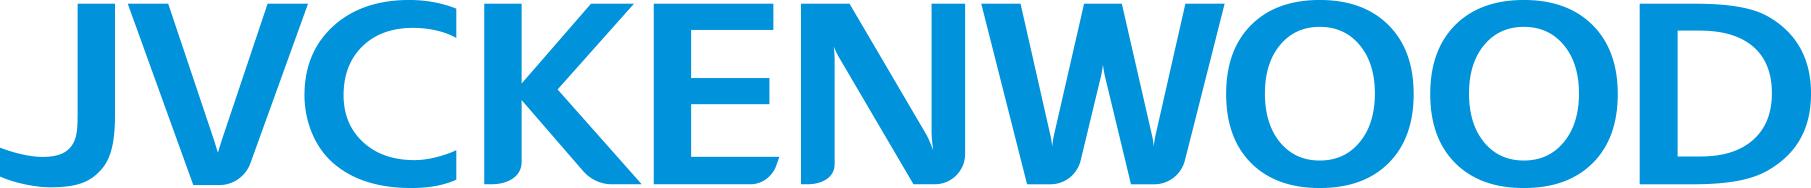 jvckenwood_logo